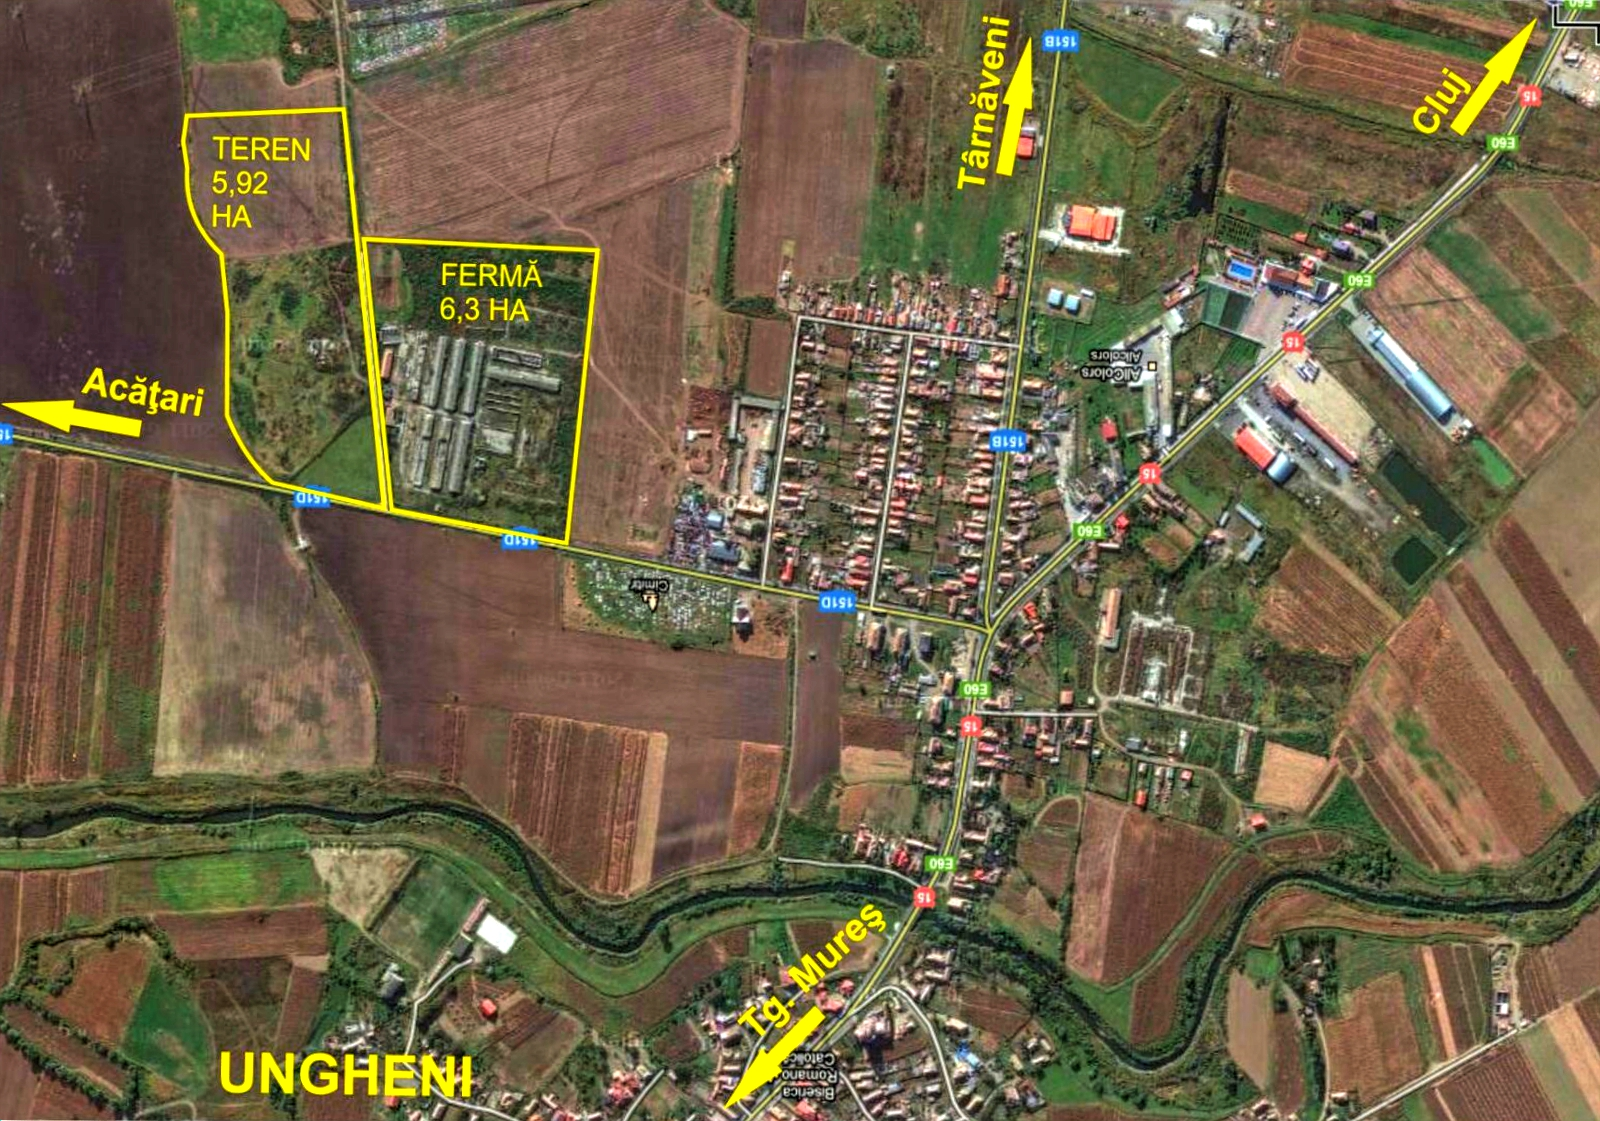 Harta Terenuri Ungheni Satelit Edit Ansambluriblocuri Ro